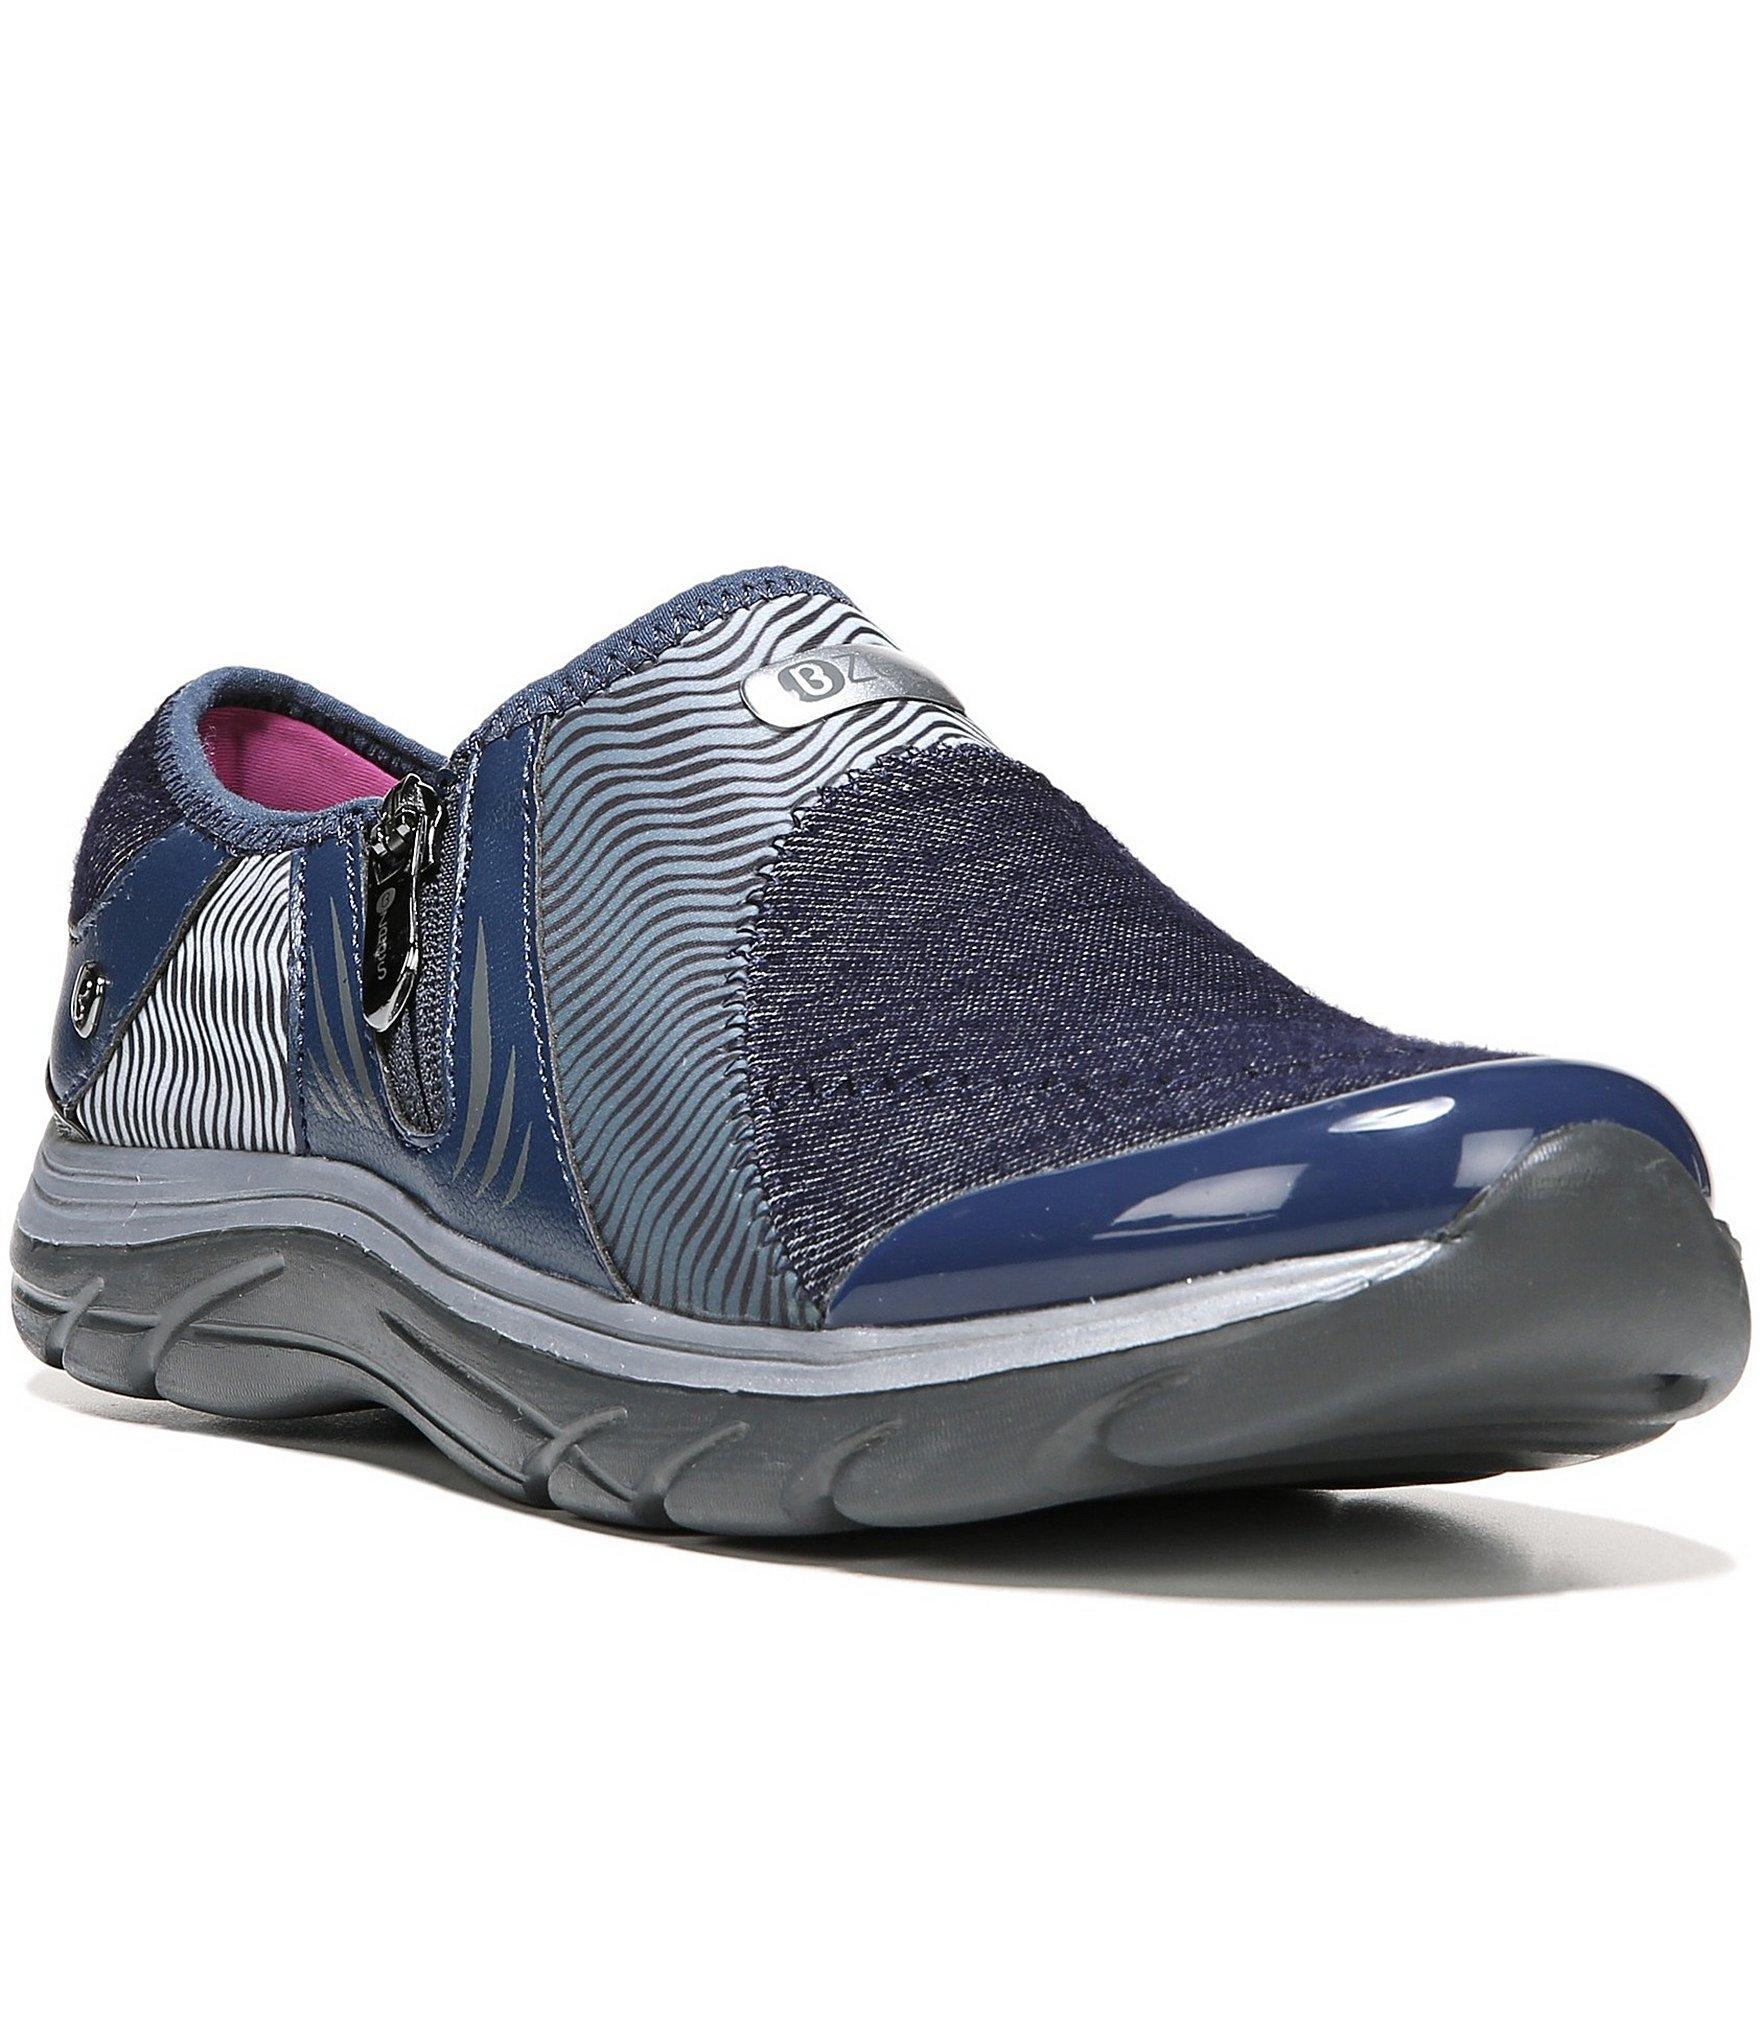 Bzees Mens Shoes